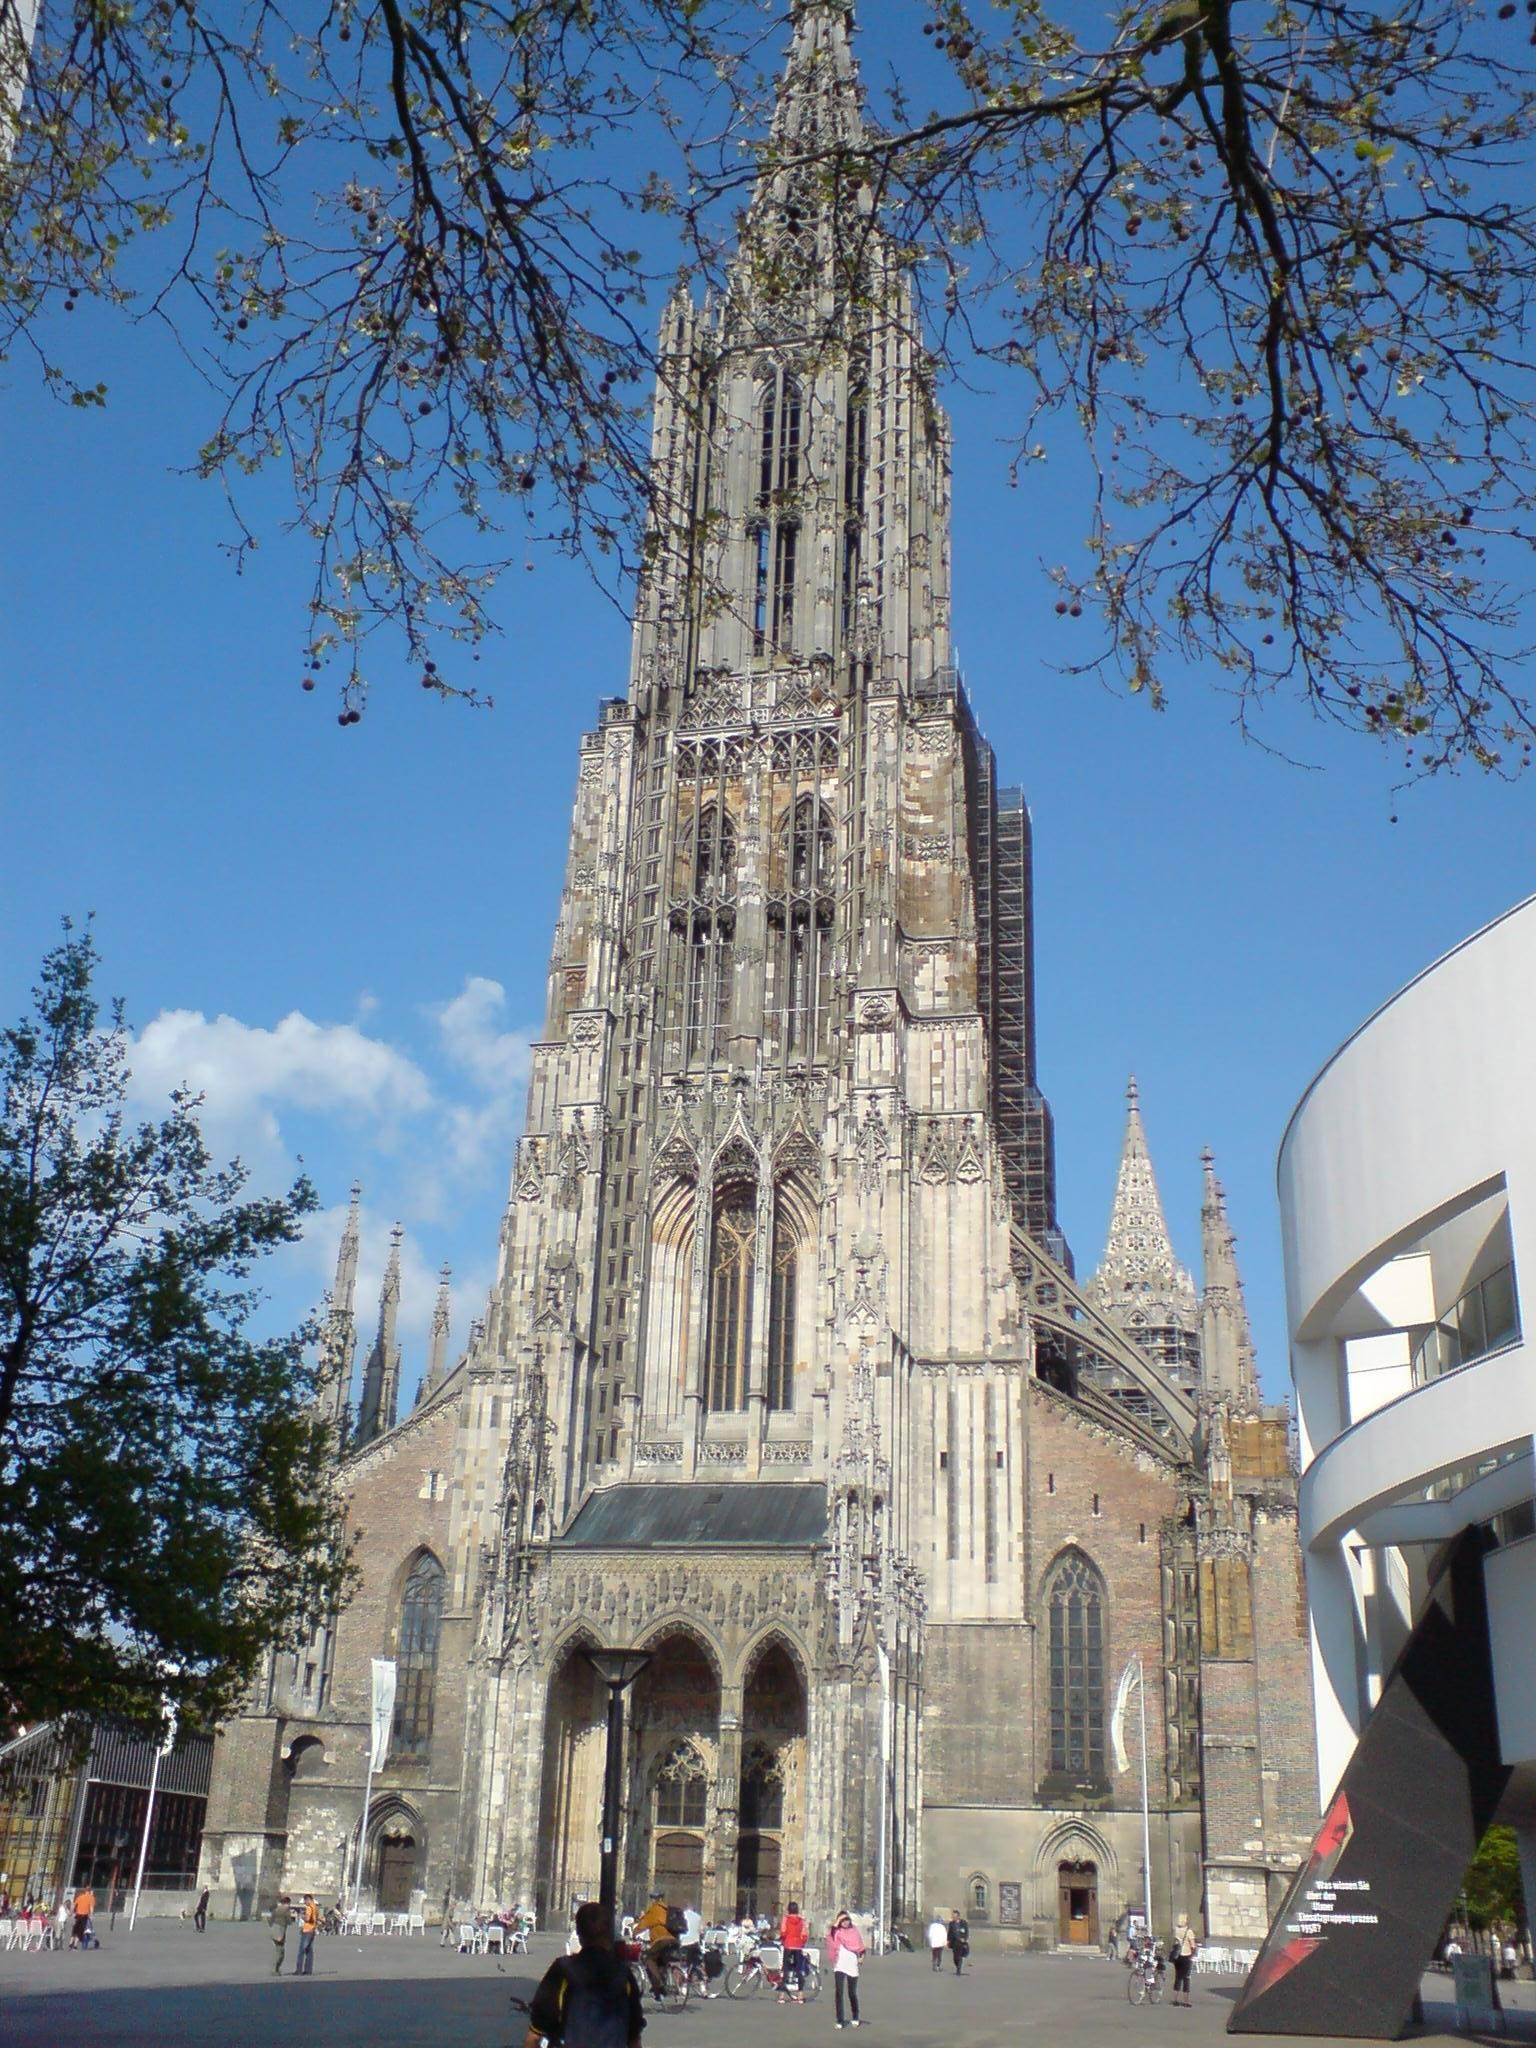 Ульмский собор (ulmer münster) - munchenguide